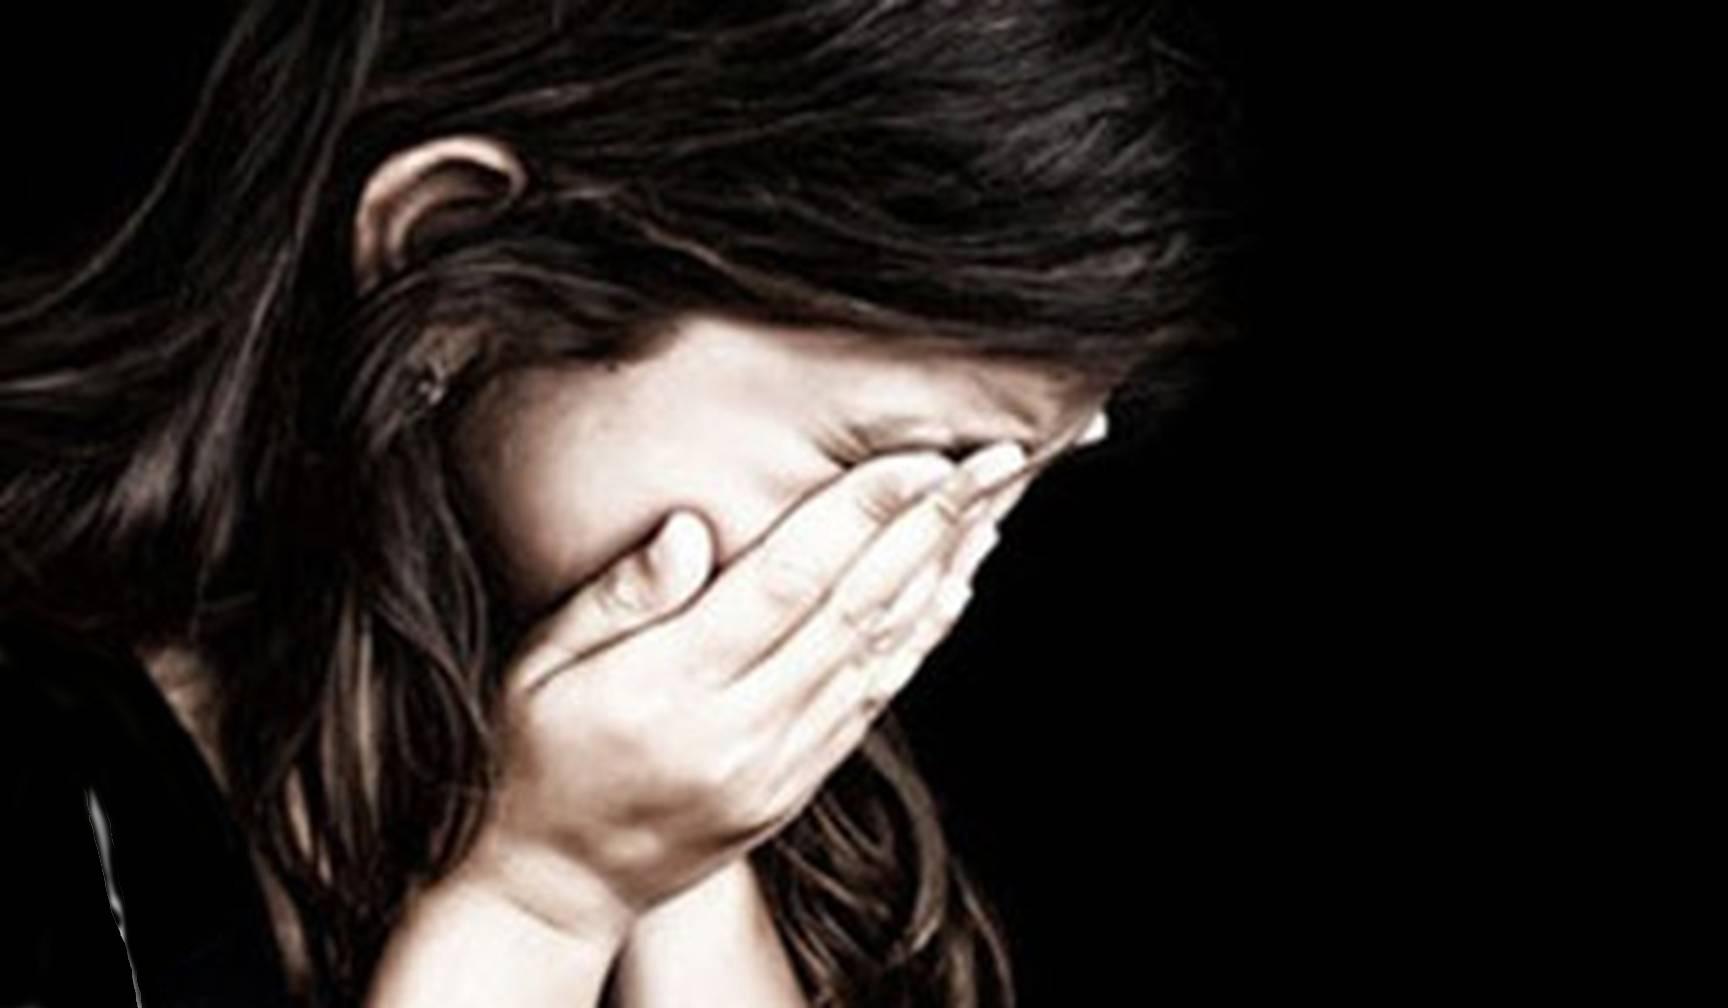 ملتان: ملزمان لڑکی کو زیادتی کے بعد سڑک پر پھینک کر فرار